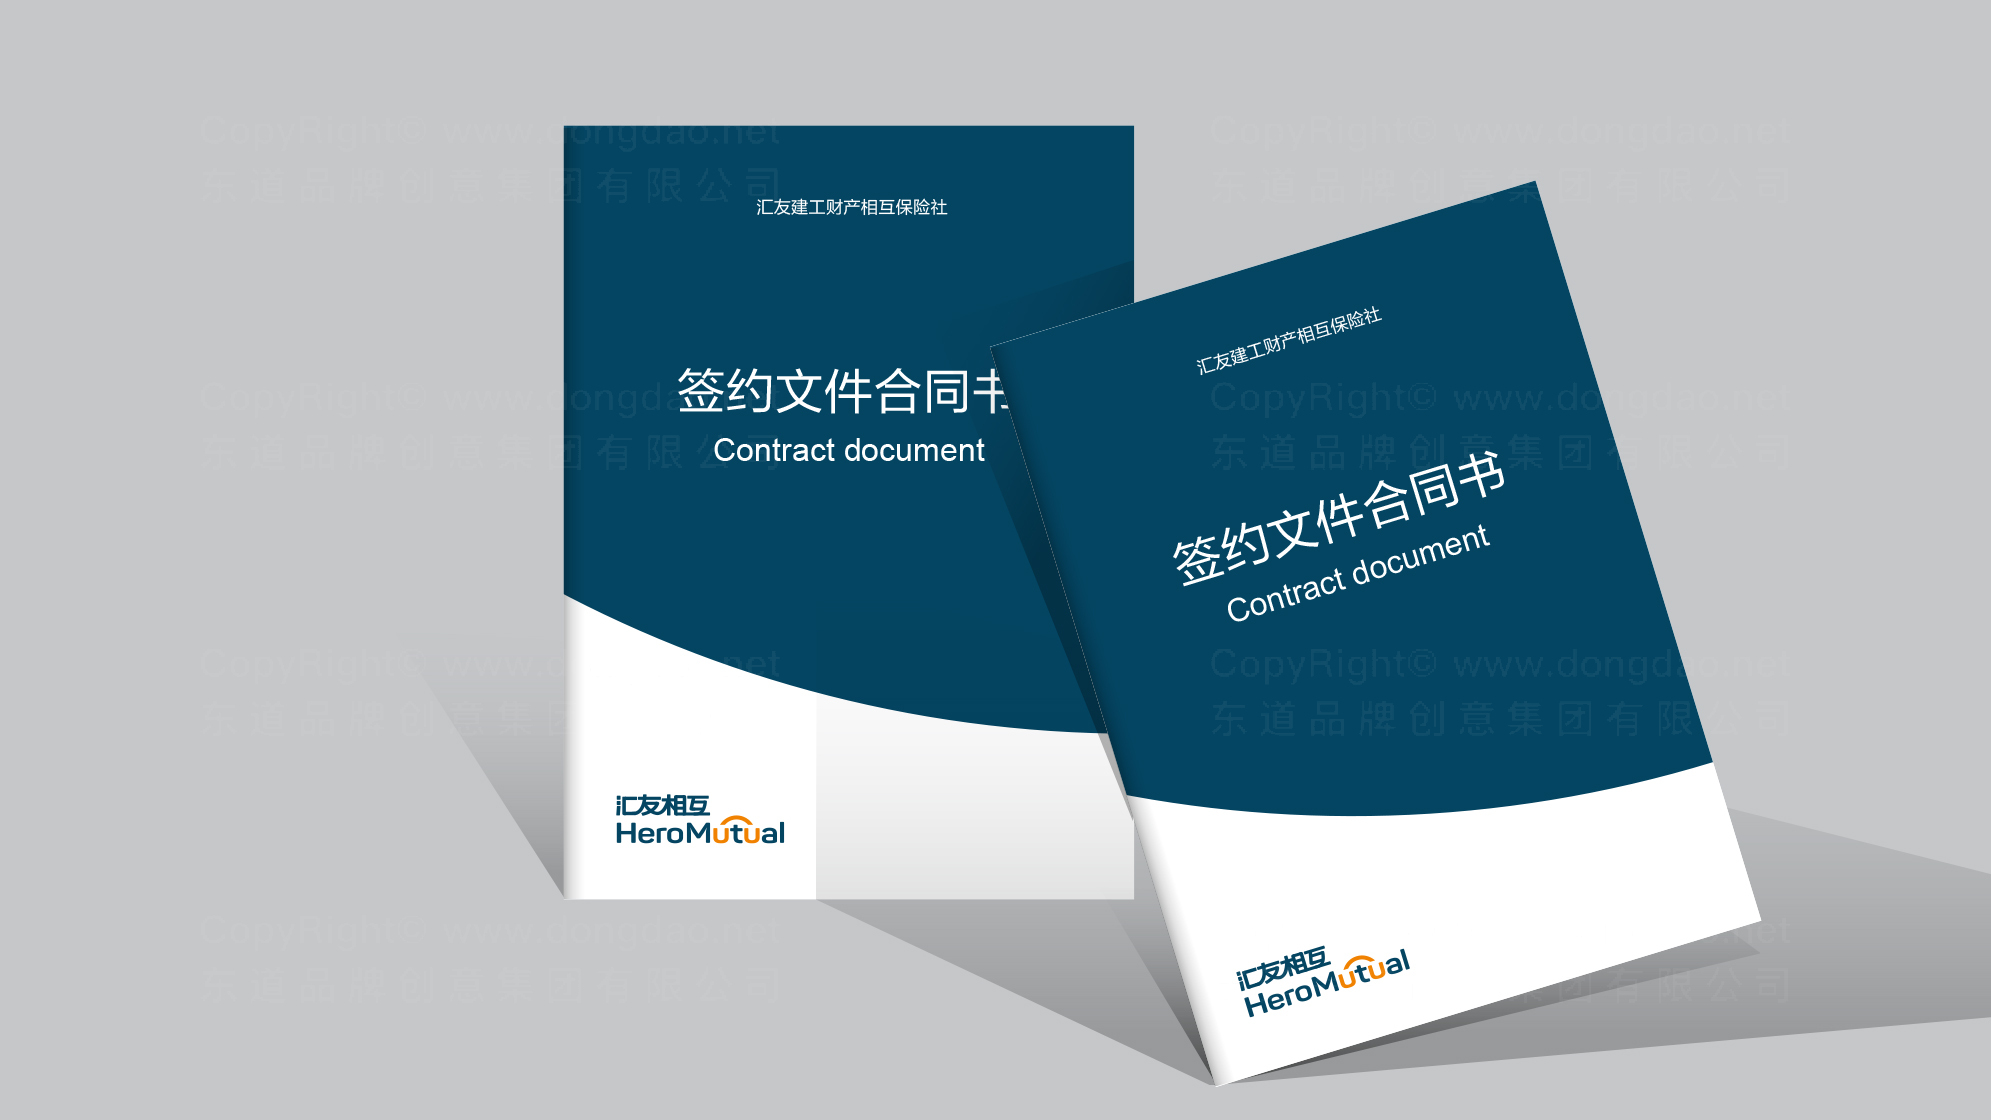 品牌设计汇友相互保险社LOGO&VI设计应用场景